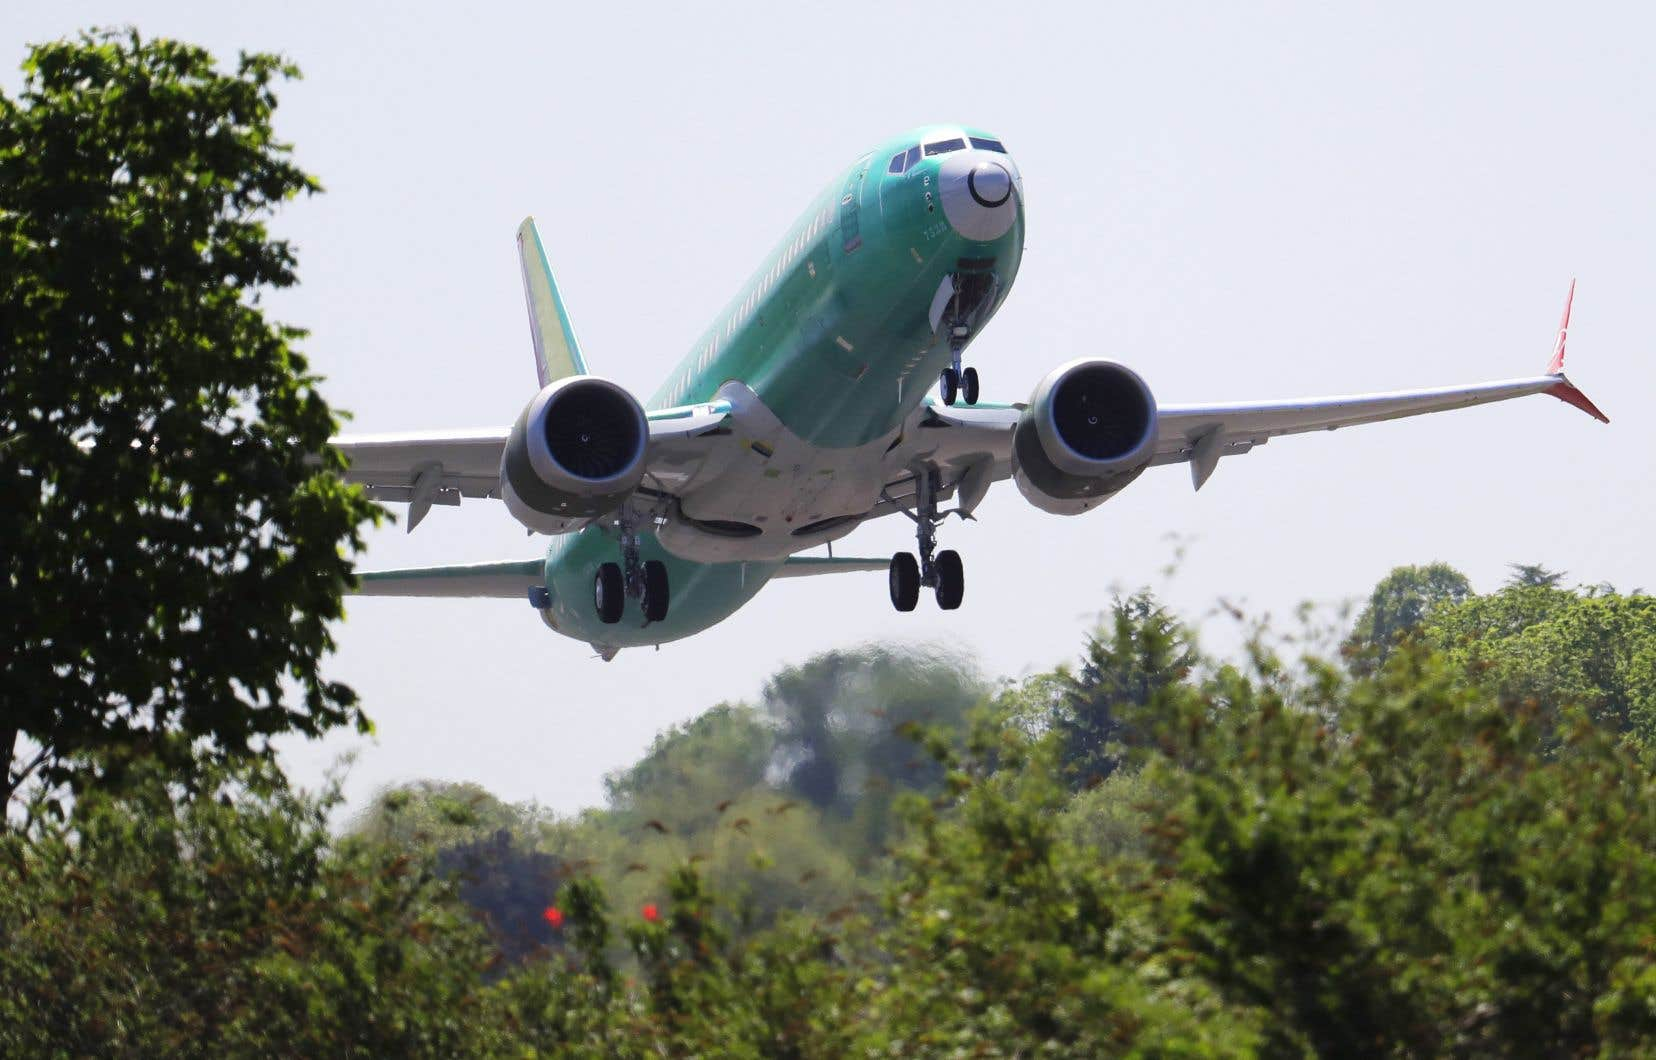 C'est la première fois que Boeing admet un défaut de conception concernant un équipement du 737 MAX.